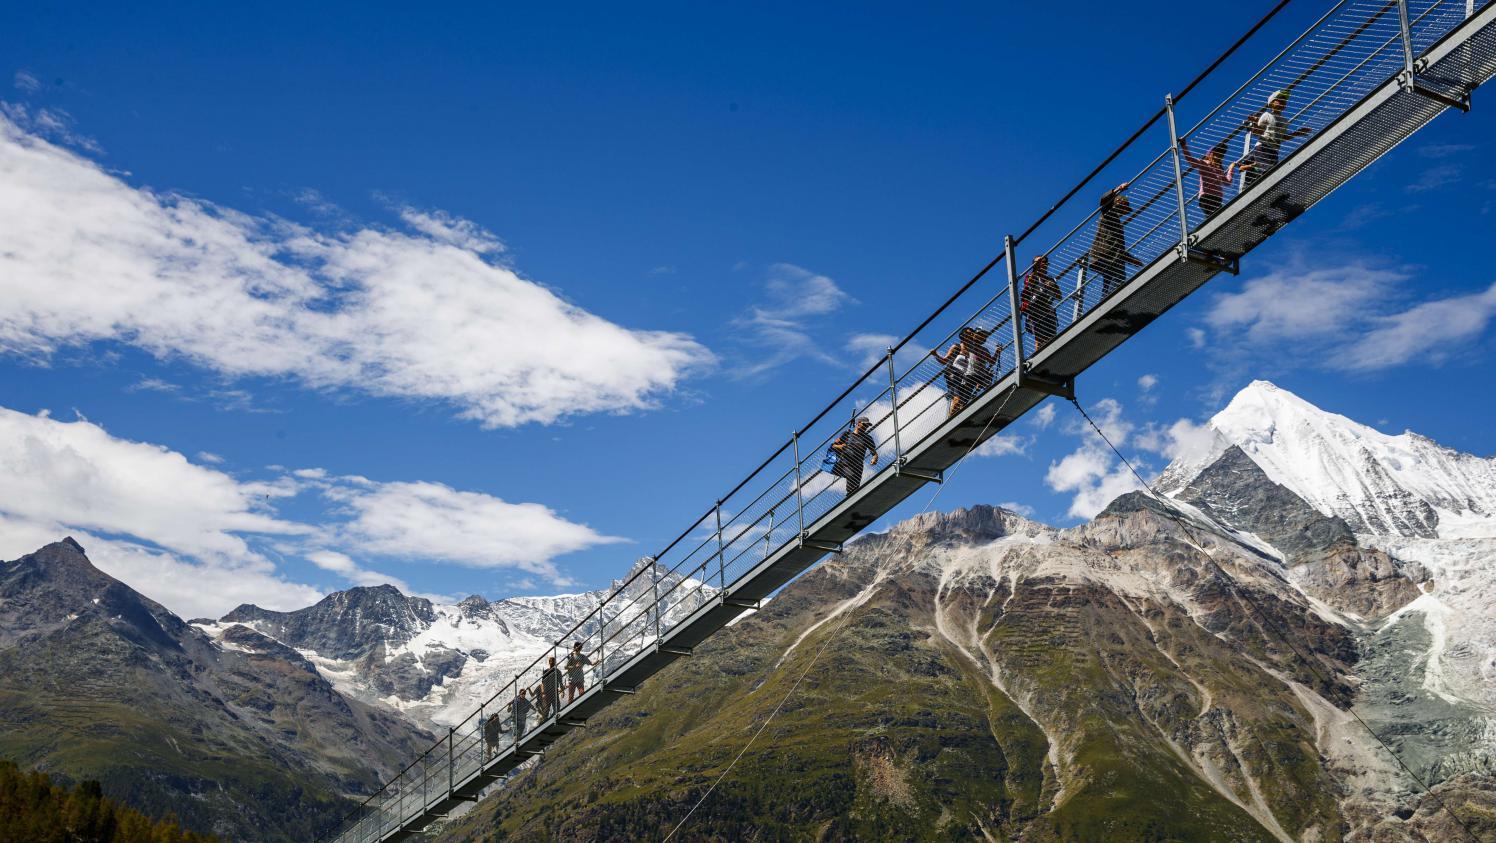 Video Decouvrez Le Pont Suspendu Le Plus Long Du Monde